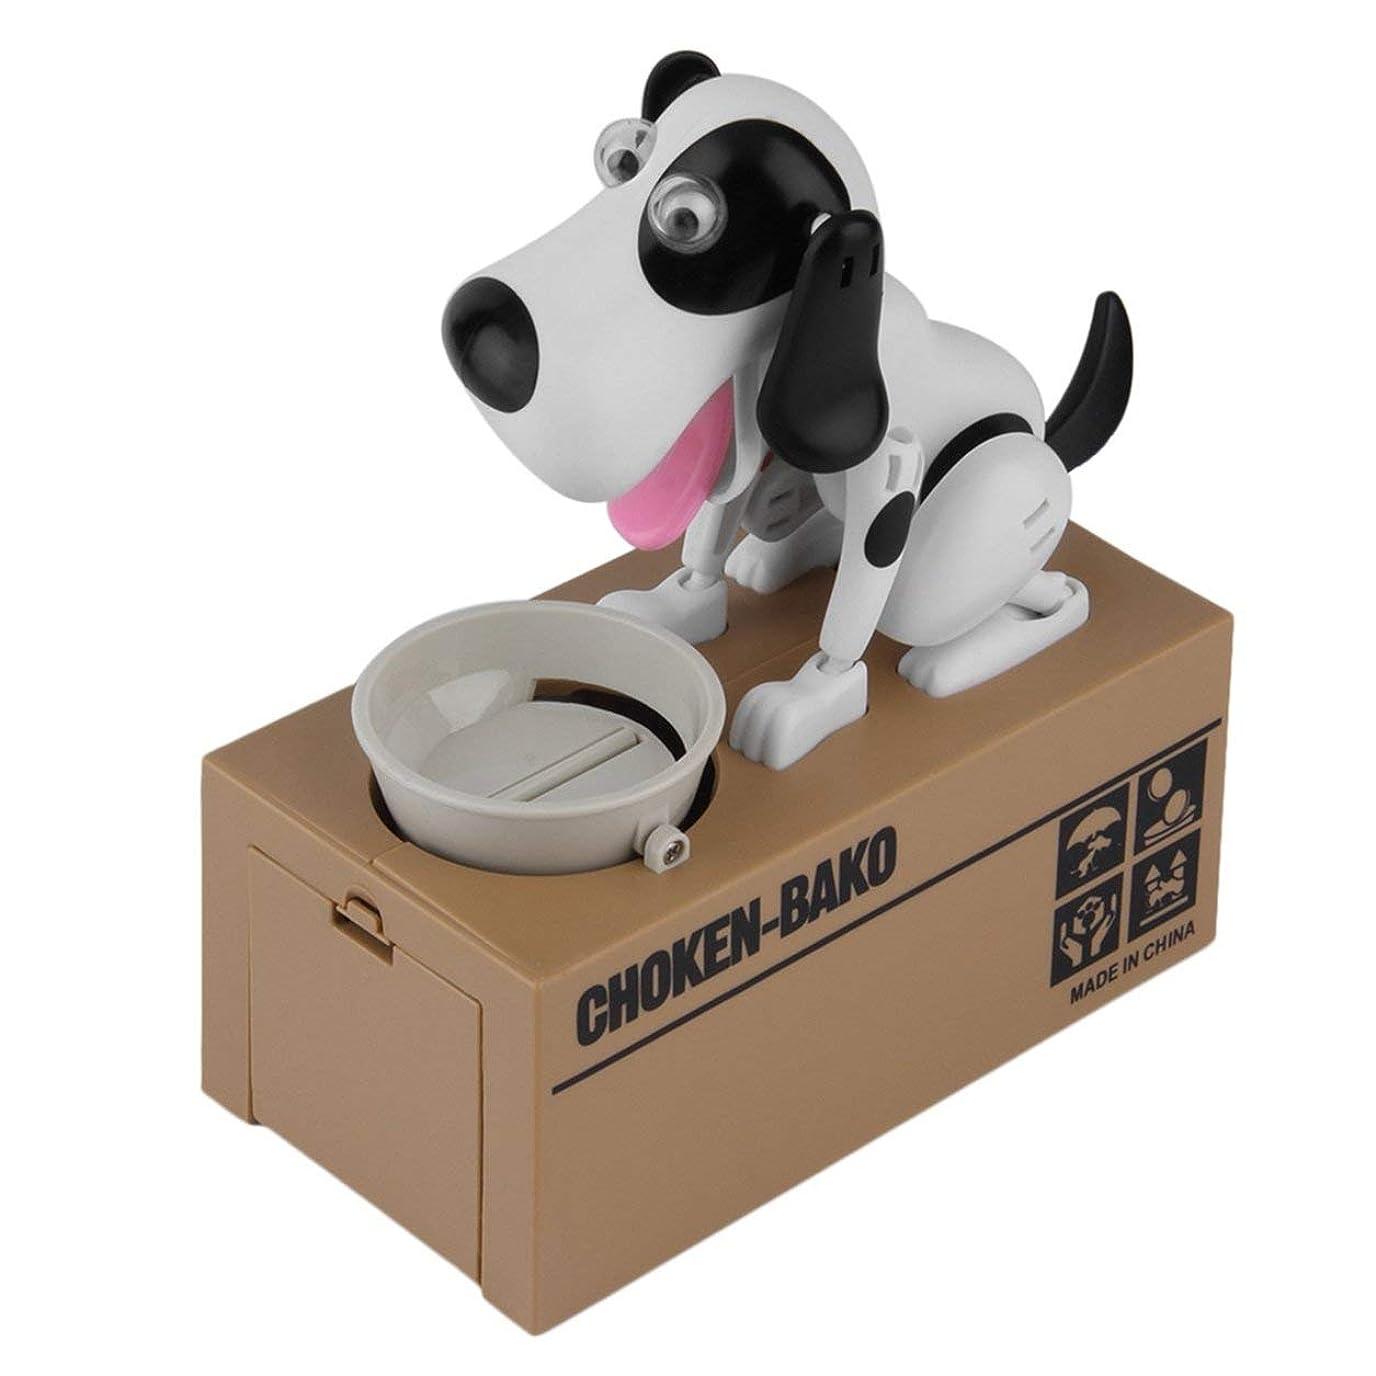 装置退院意志に反するSaikogoods 耐久性に優れたロボット犬貯金箱自動コインマネーバンクかわいい犬モデルマネーバンクマネーセービングボックスコインボックスを盗みました 黒+白